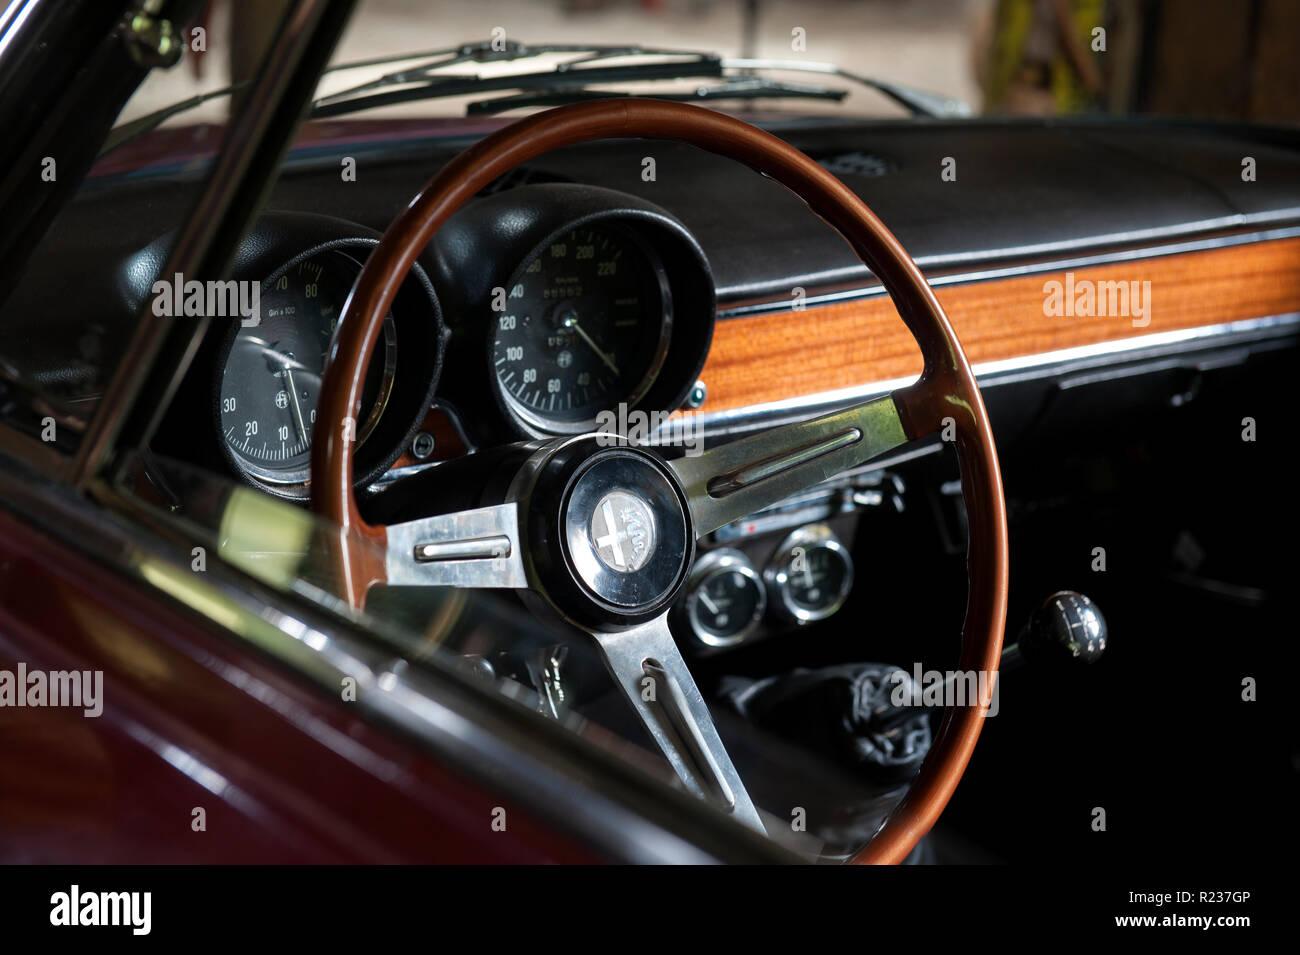 Alfa Romeo Gt Junior Classic Car Interior Stock Photo Alamy